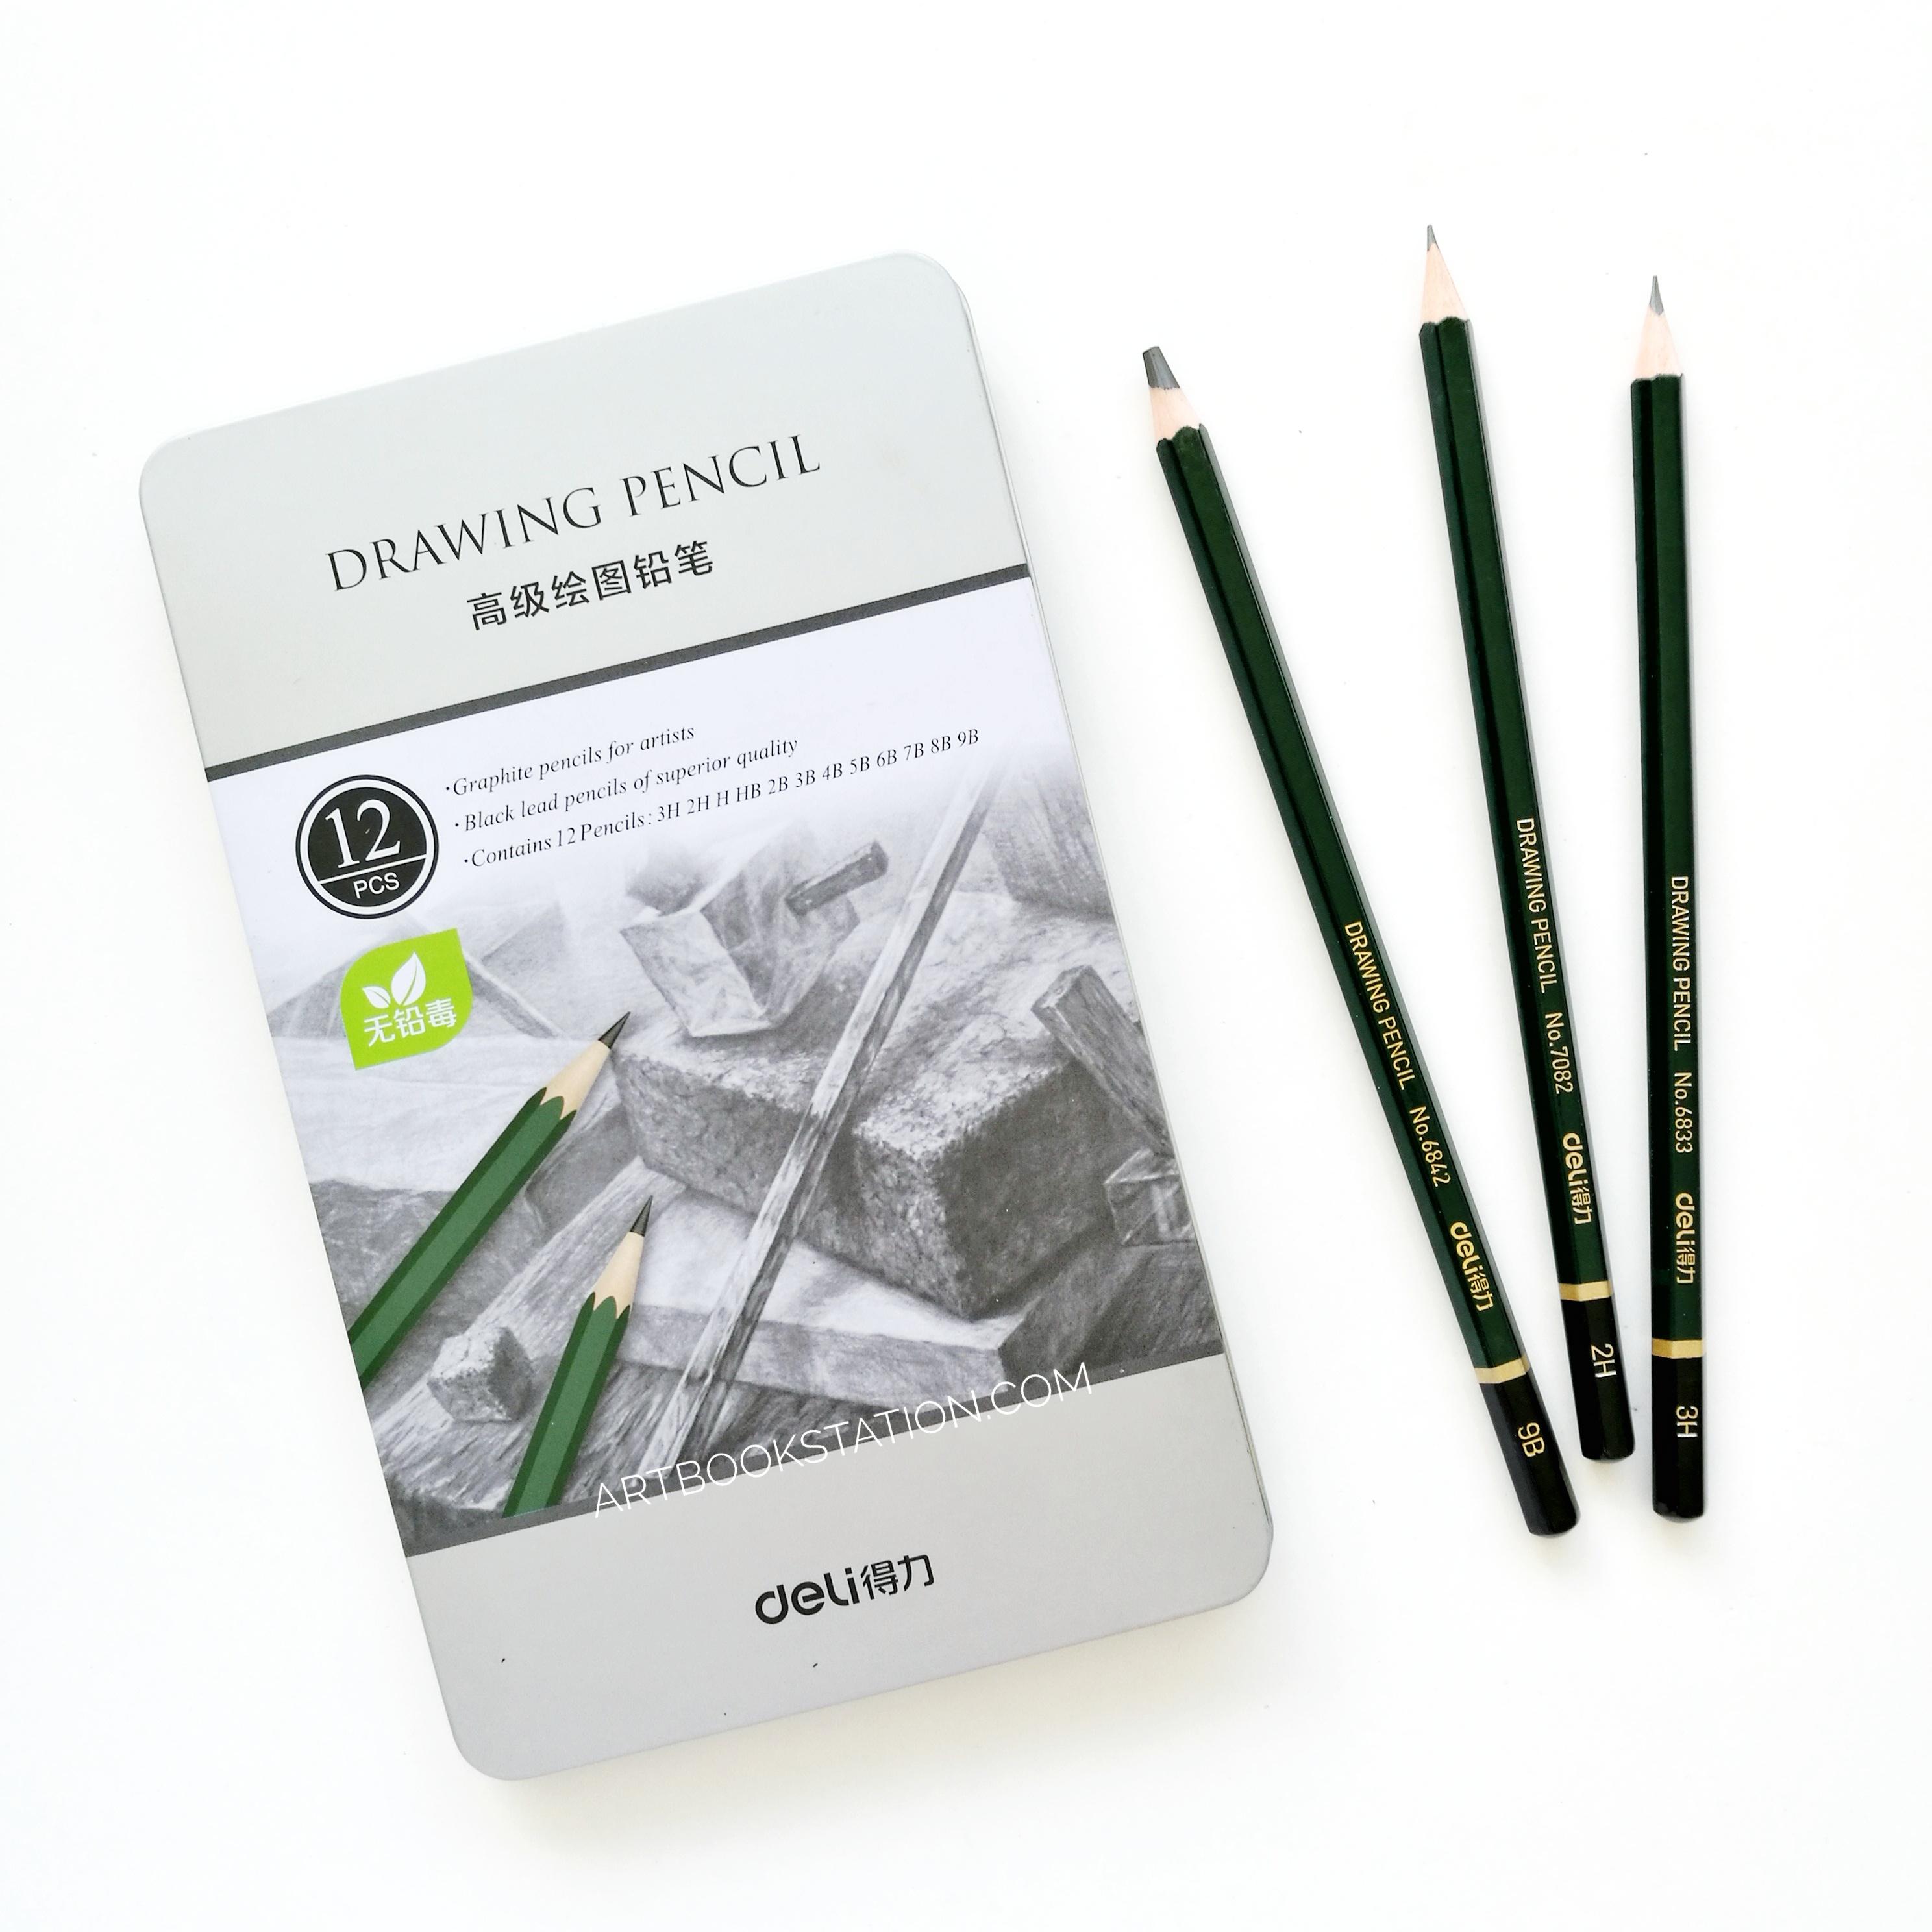 ดินสอ Sketch & Drawing ภาพขาวดำ Set 12 แท่ง 3H-9B กล่องเหล็ก Deli